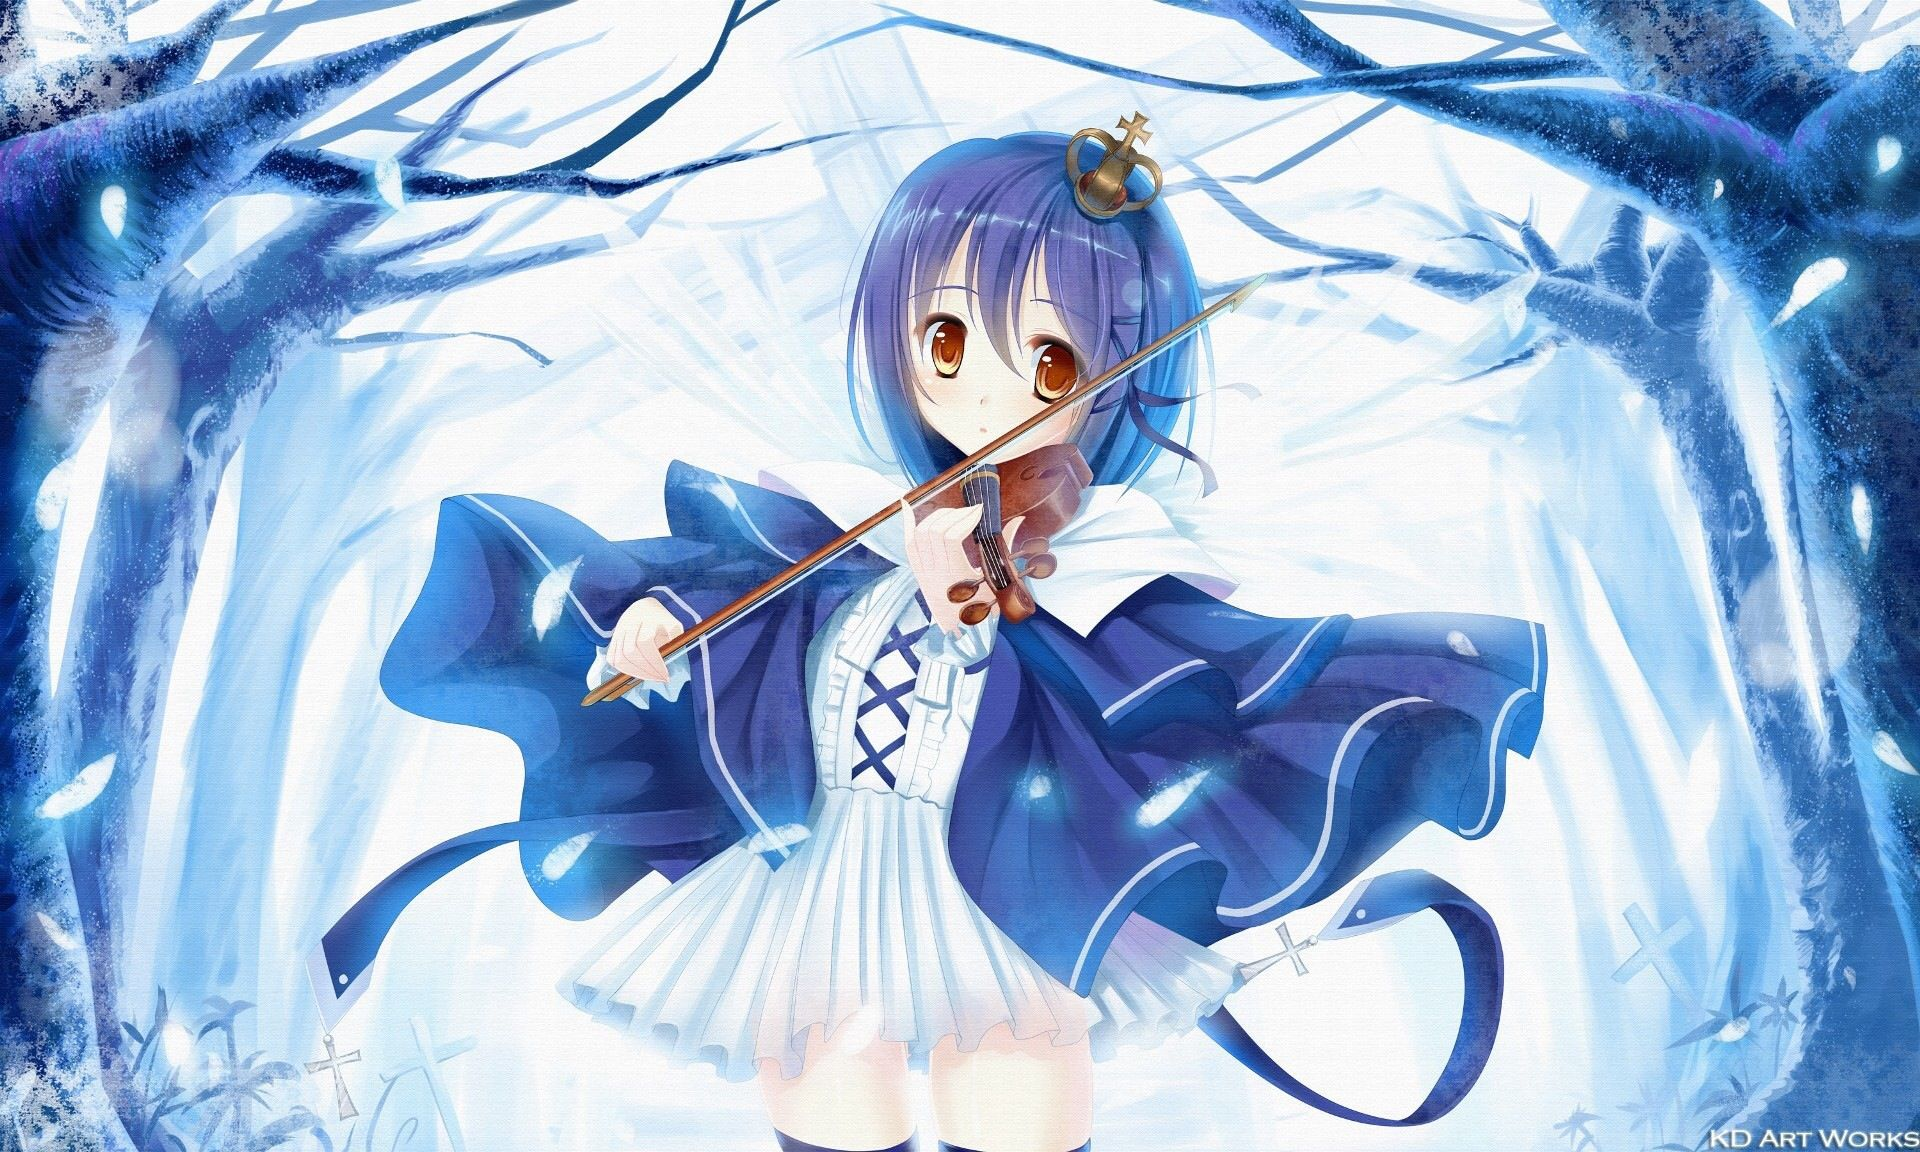 Ảnh girl anime tóc xanh dễ thương, đẹp